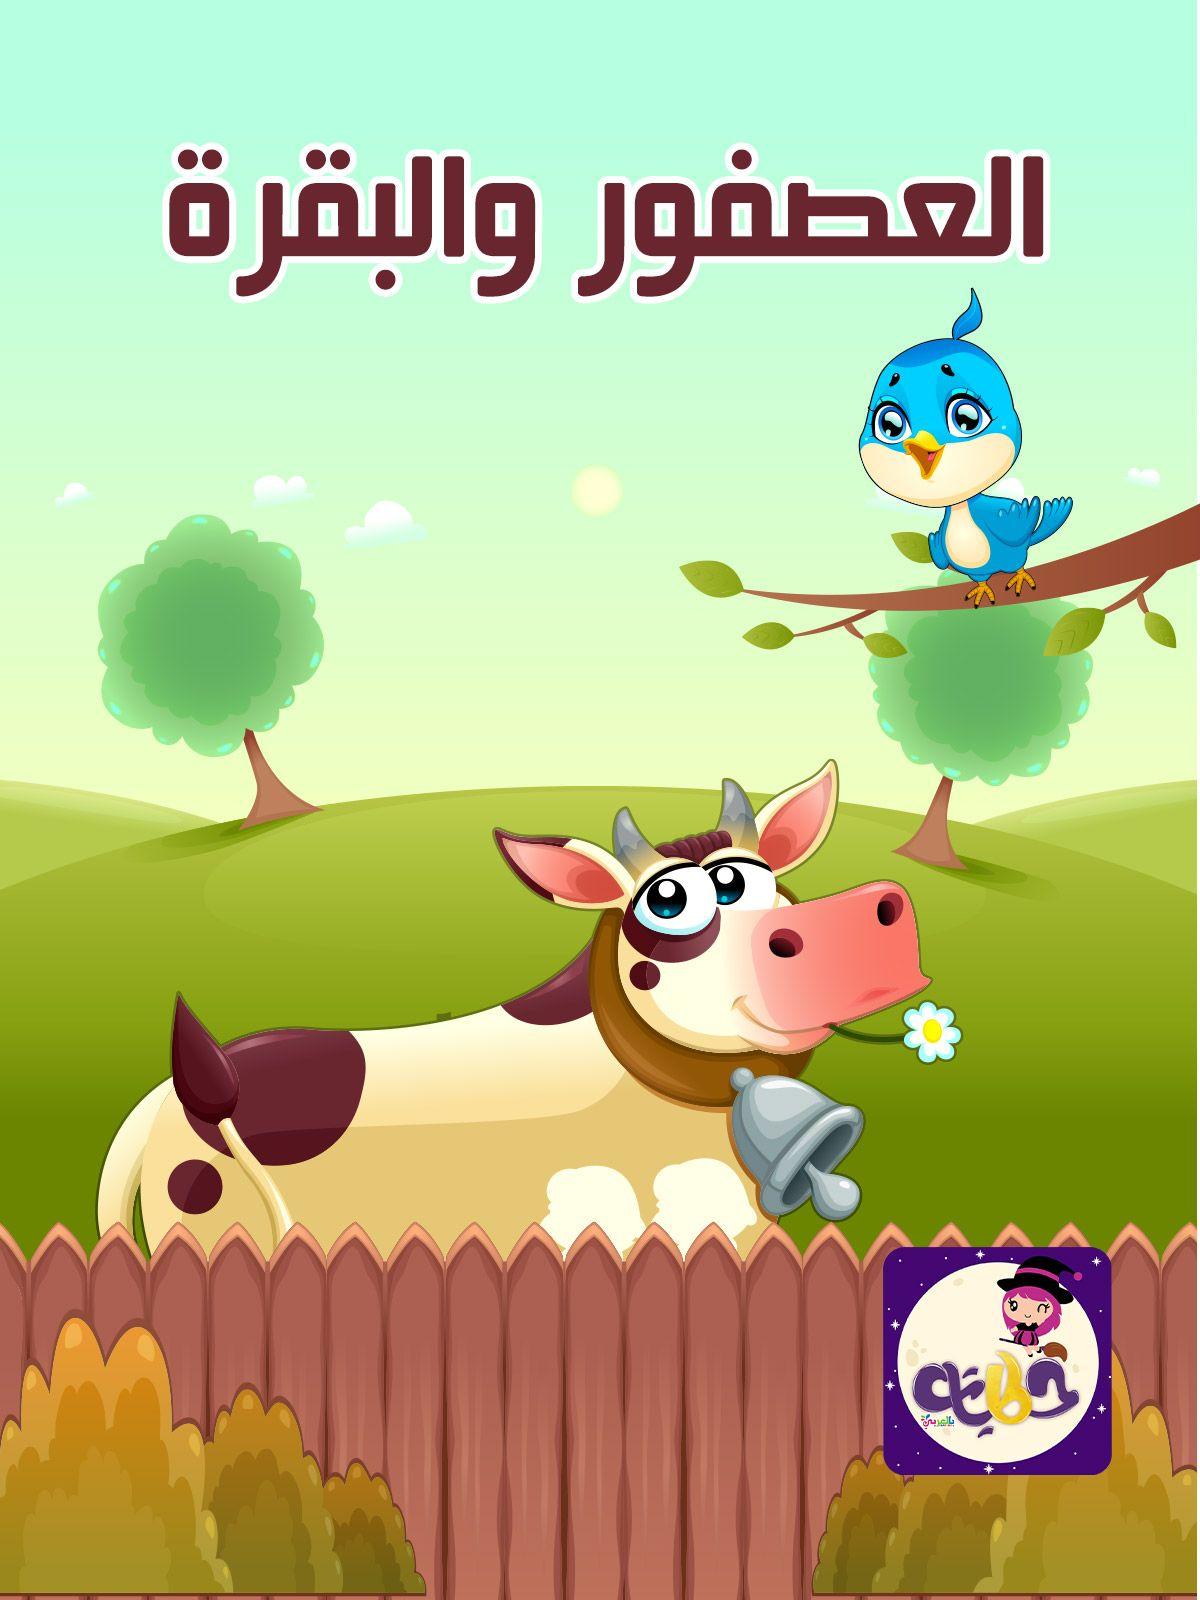 قصة العصفور و البقرة بتطبيق قصص وحكايات بالعربي قصص حيوانات مصورة للاطفال Arabic Kids Islamic Kids Activities Preschool Activities